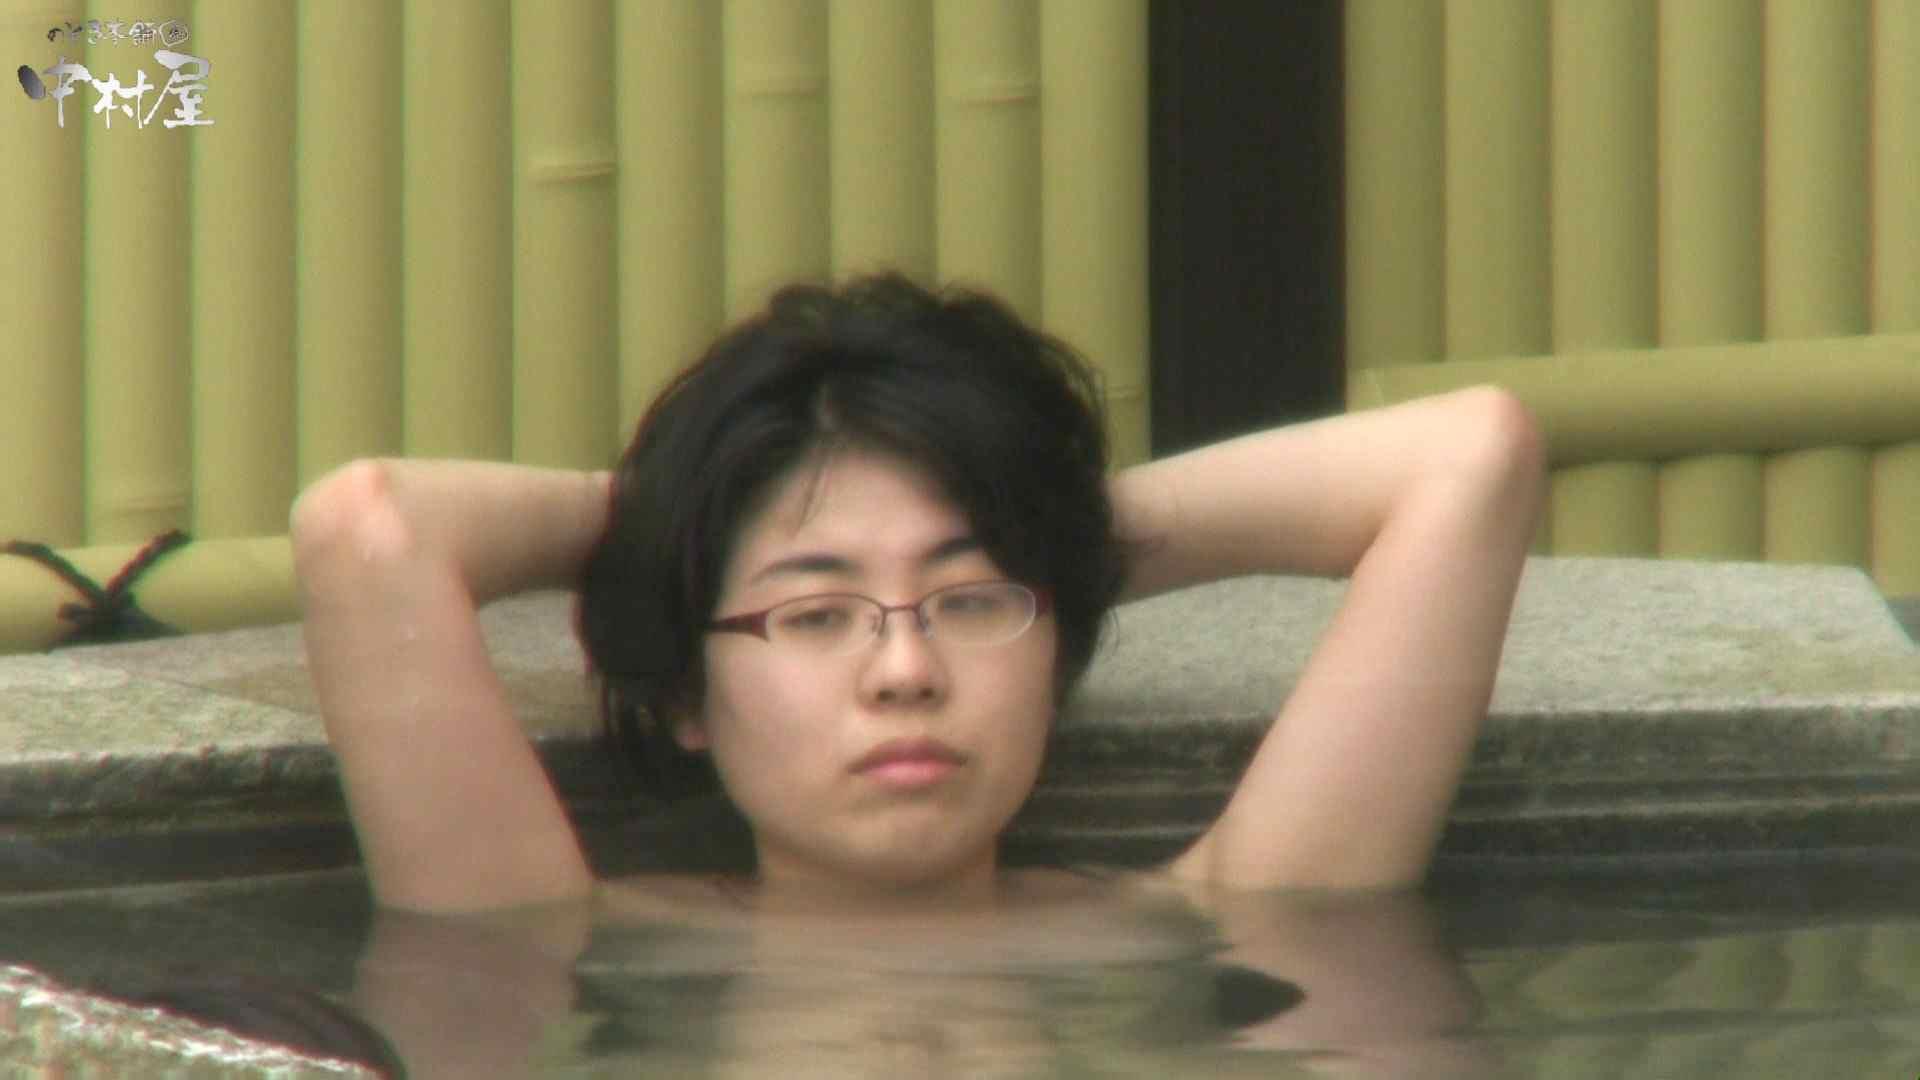 Aquaな露天風呂Vol.947 露天   盗撮  111枚 97